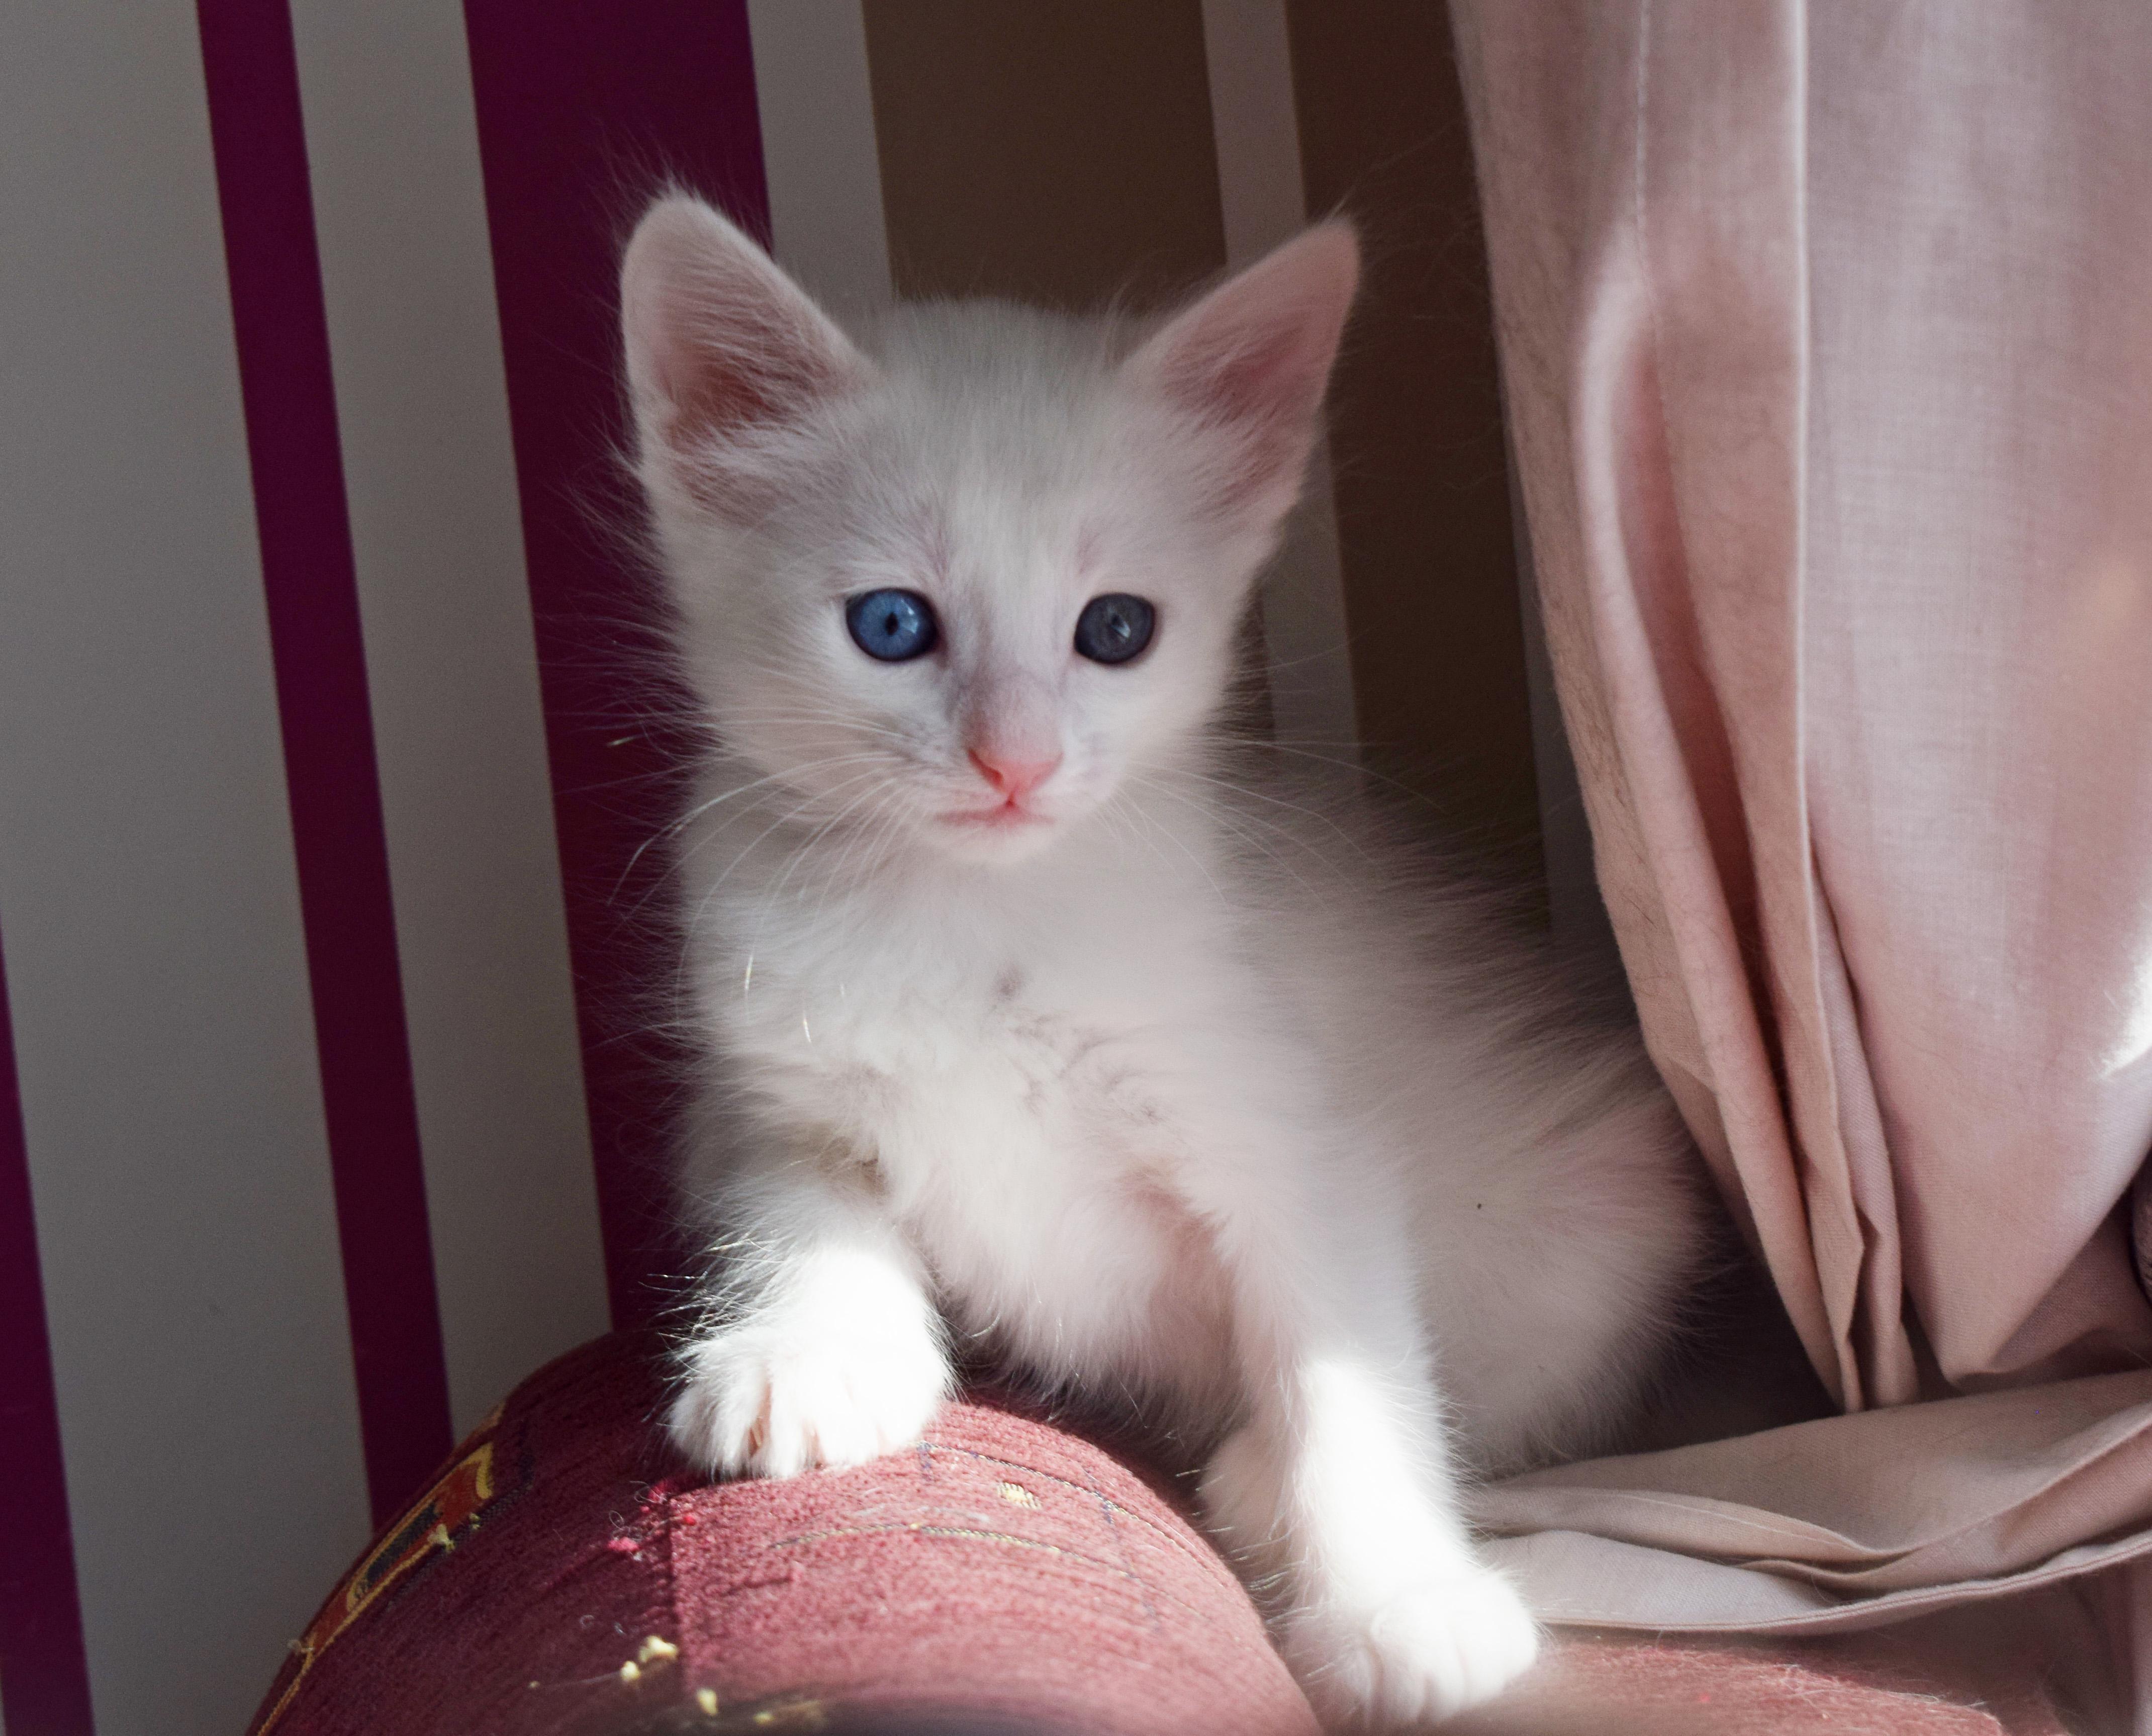 Fluffy Turkish Angora kitten with heterochromiahttps//i